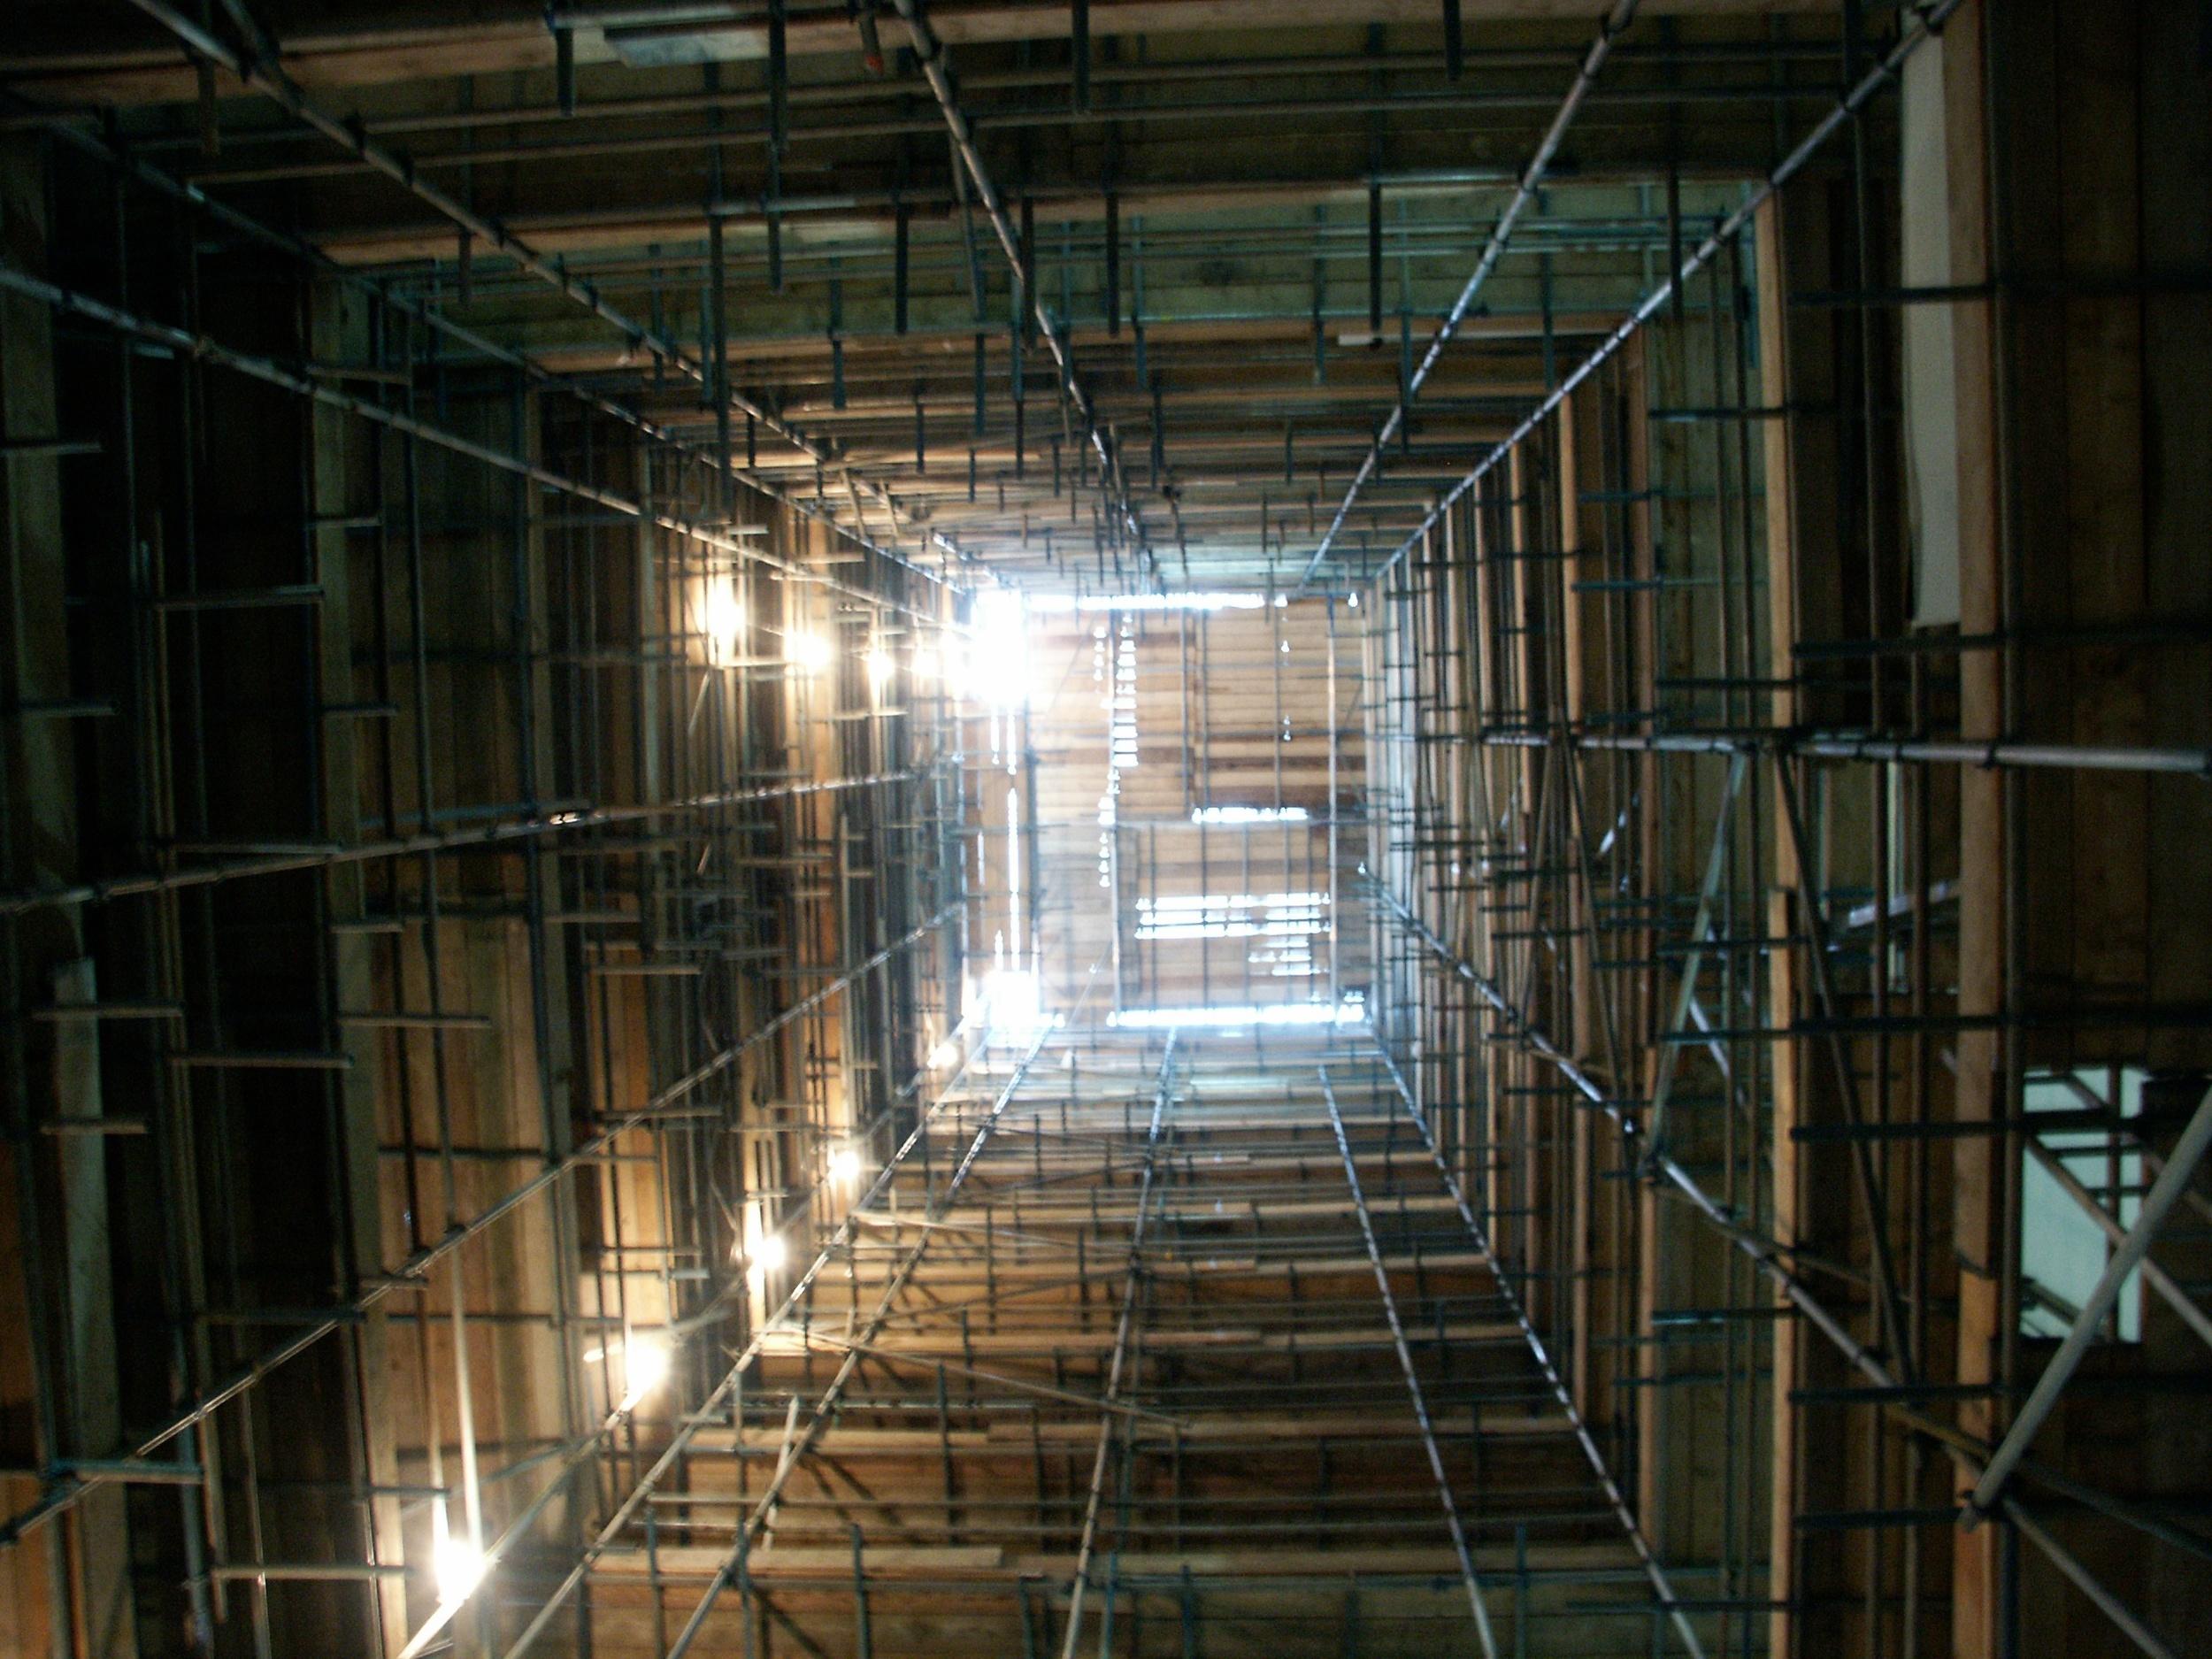 Gresham Street Atrium in 2002